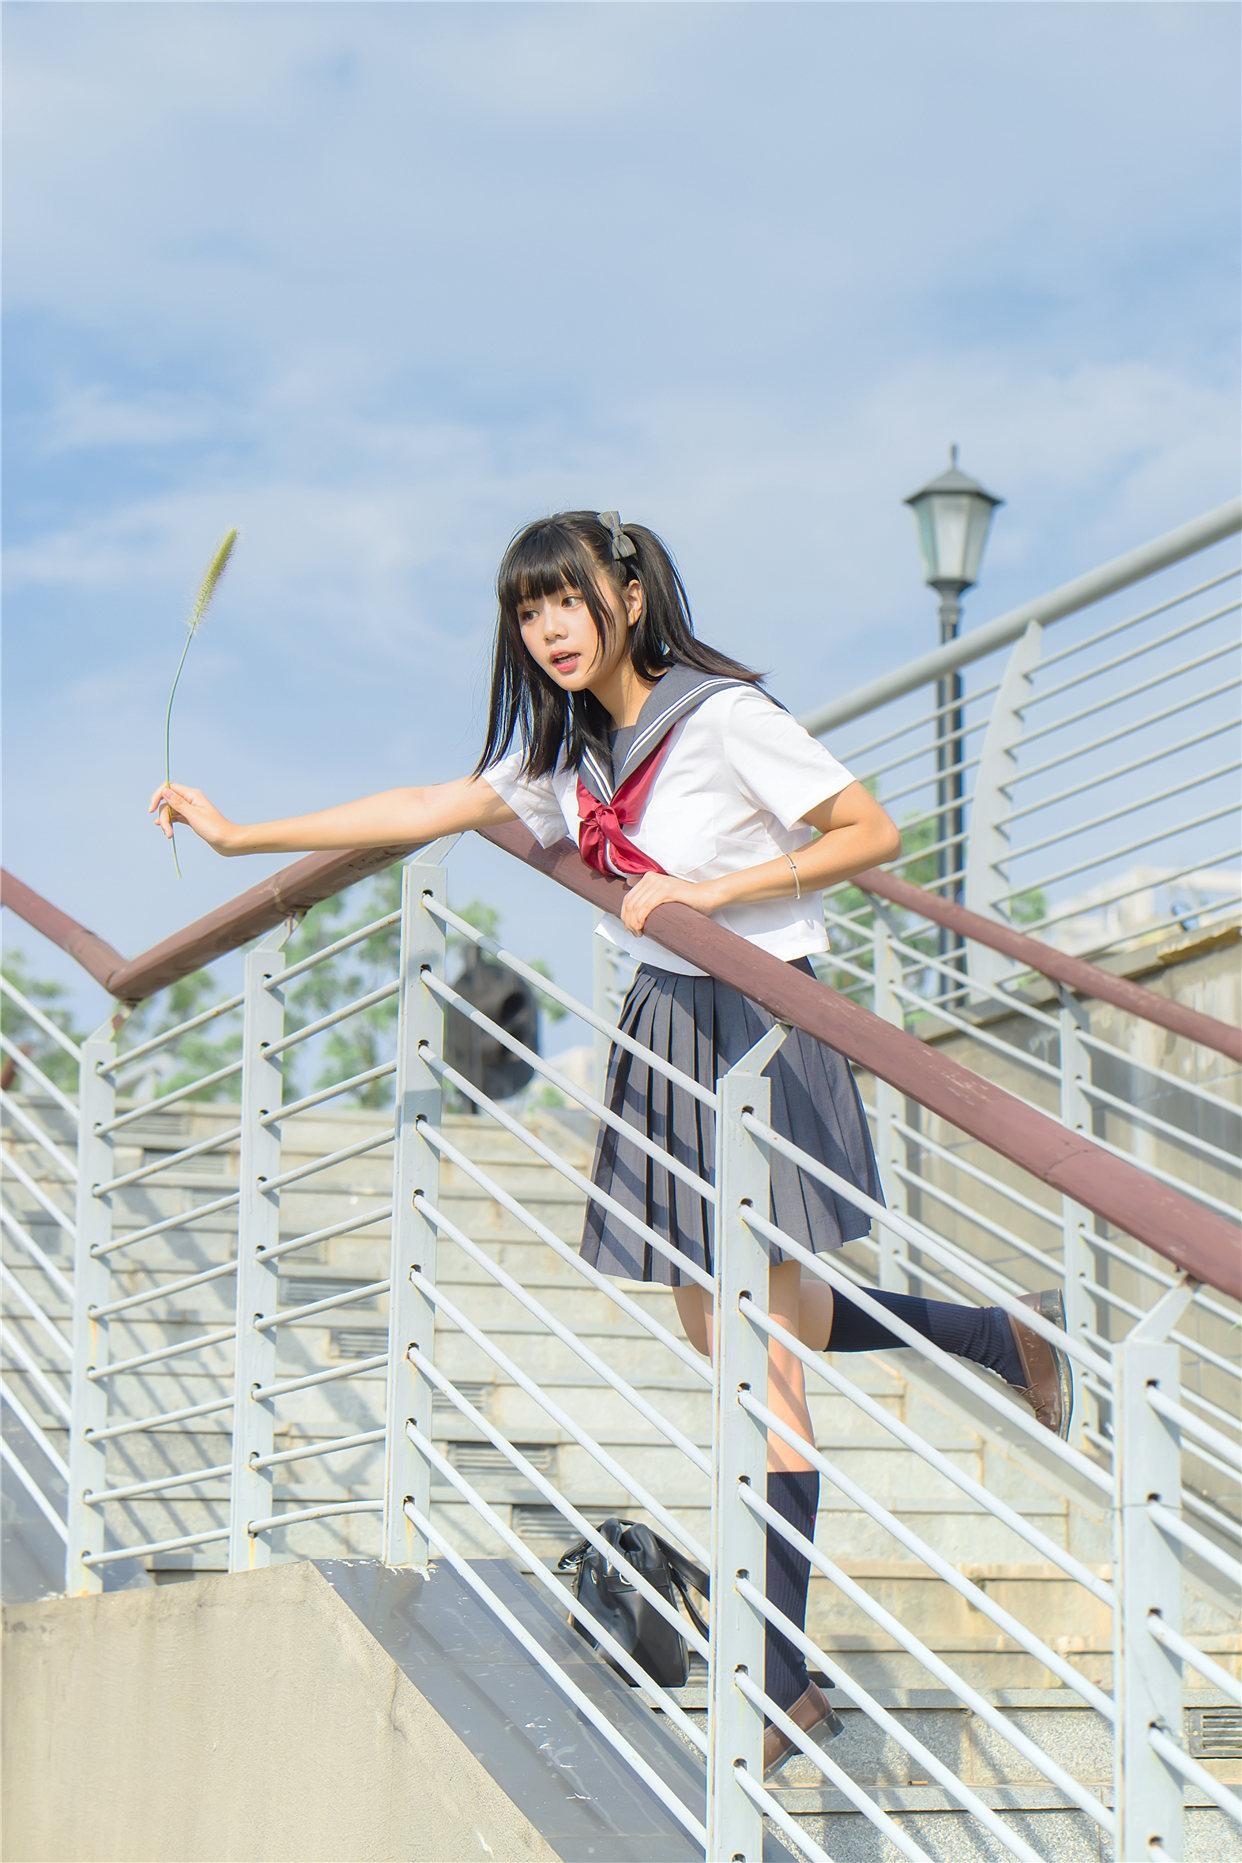 春明润JUL-348:空姐与公公二人同居的日子~-芒果屋